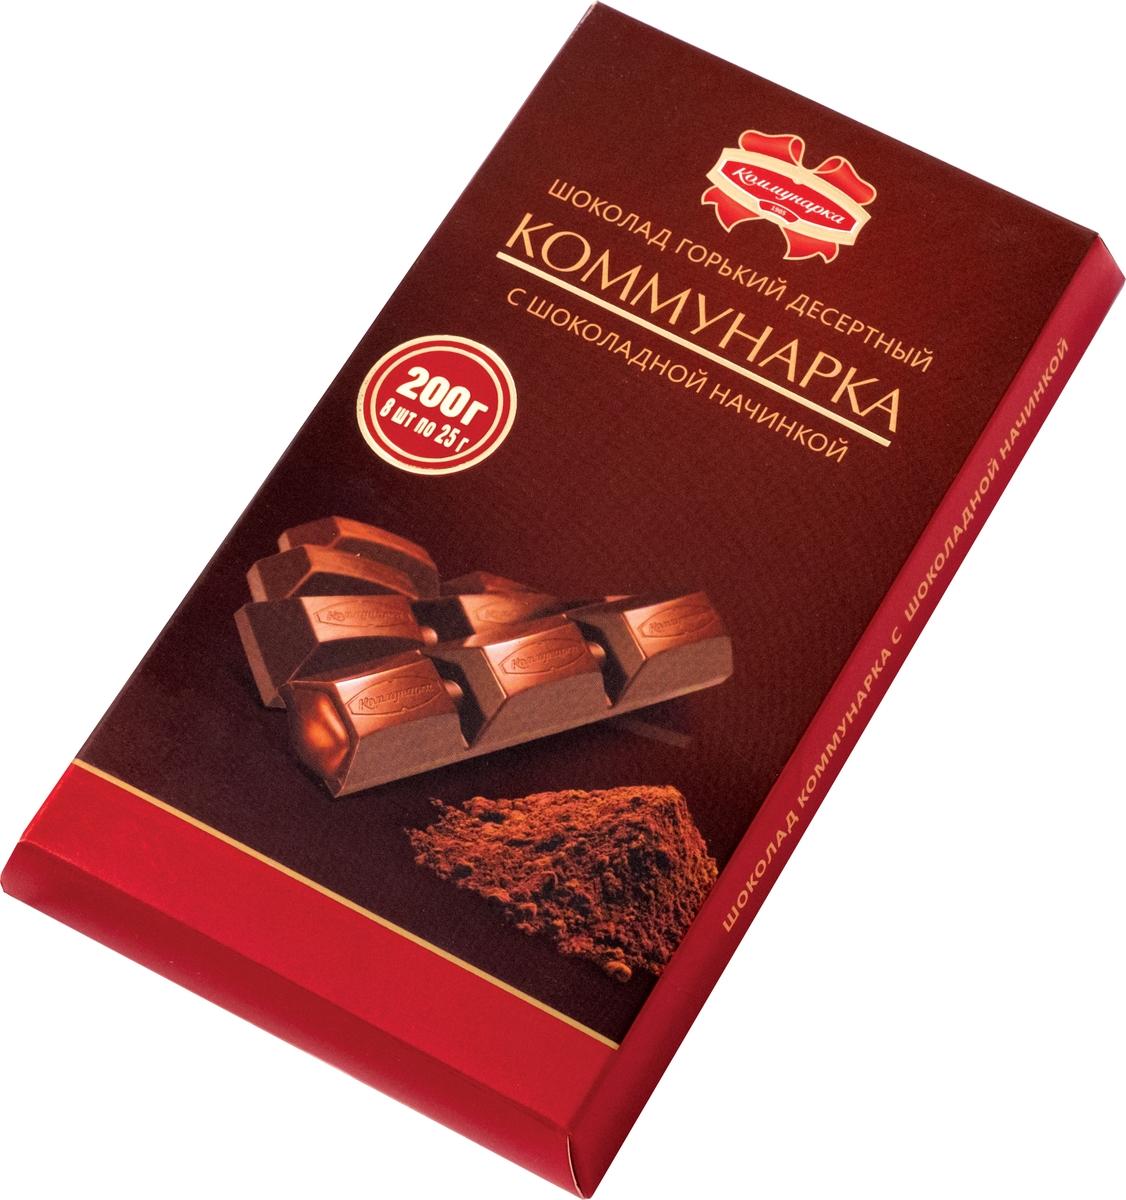 Коммунарка шоколад горький с шоколадной начинкой, 200 г baron тирамису темный шоколад с начинкой 100 г